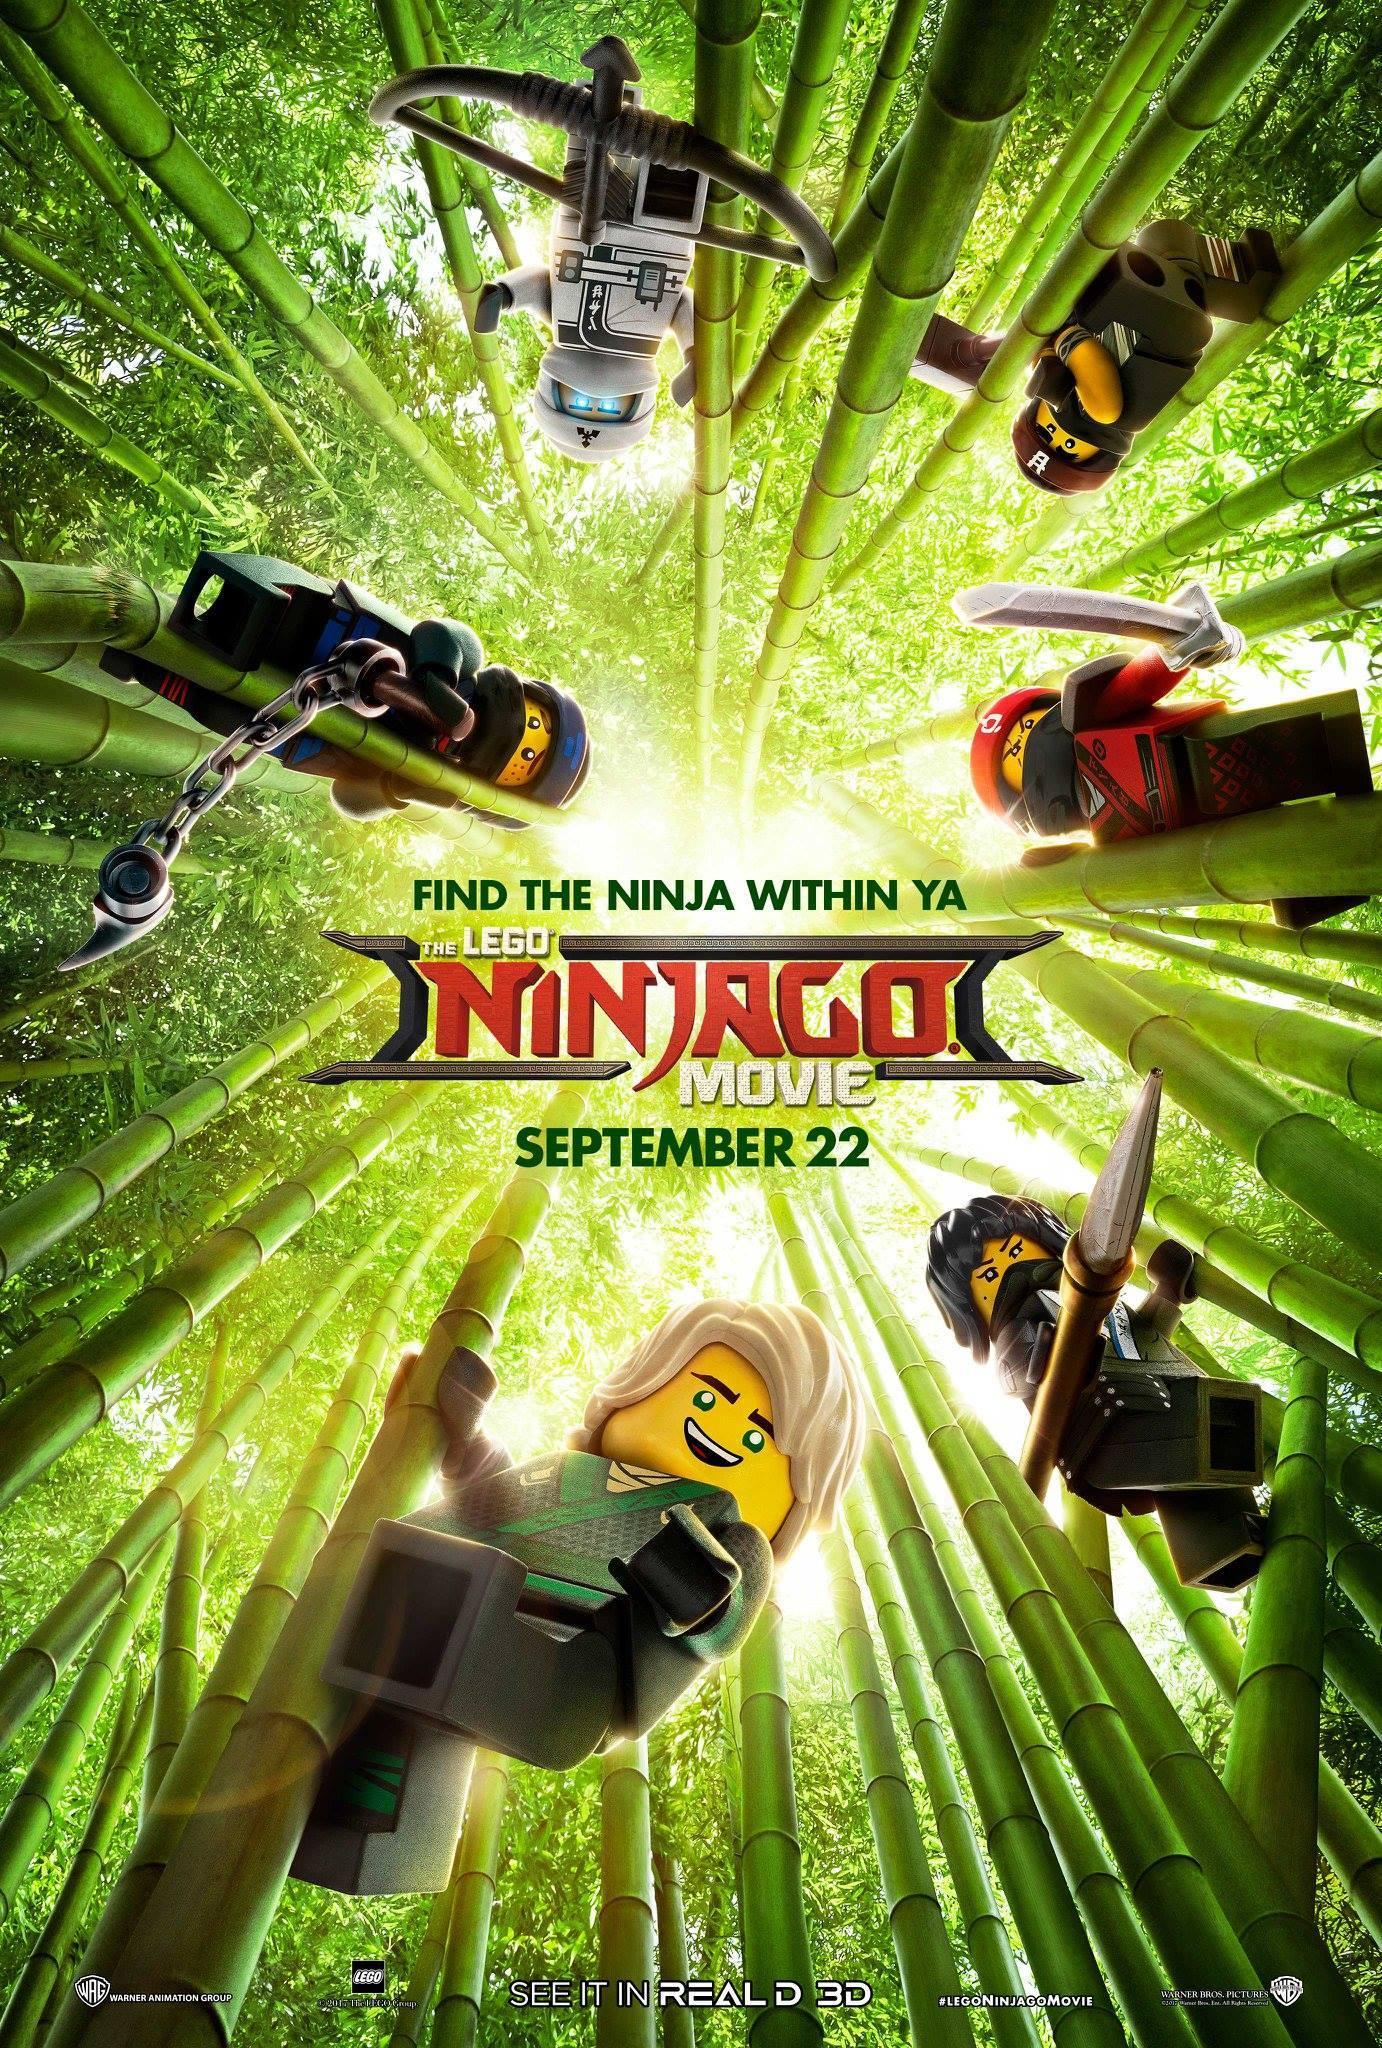 The LEGO NINJAGO Movie New Poster